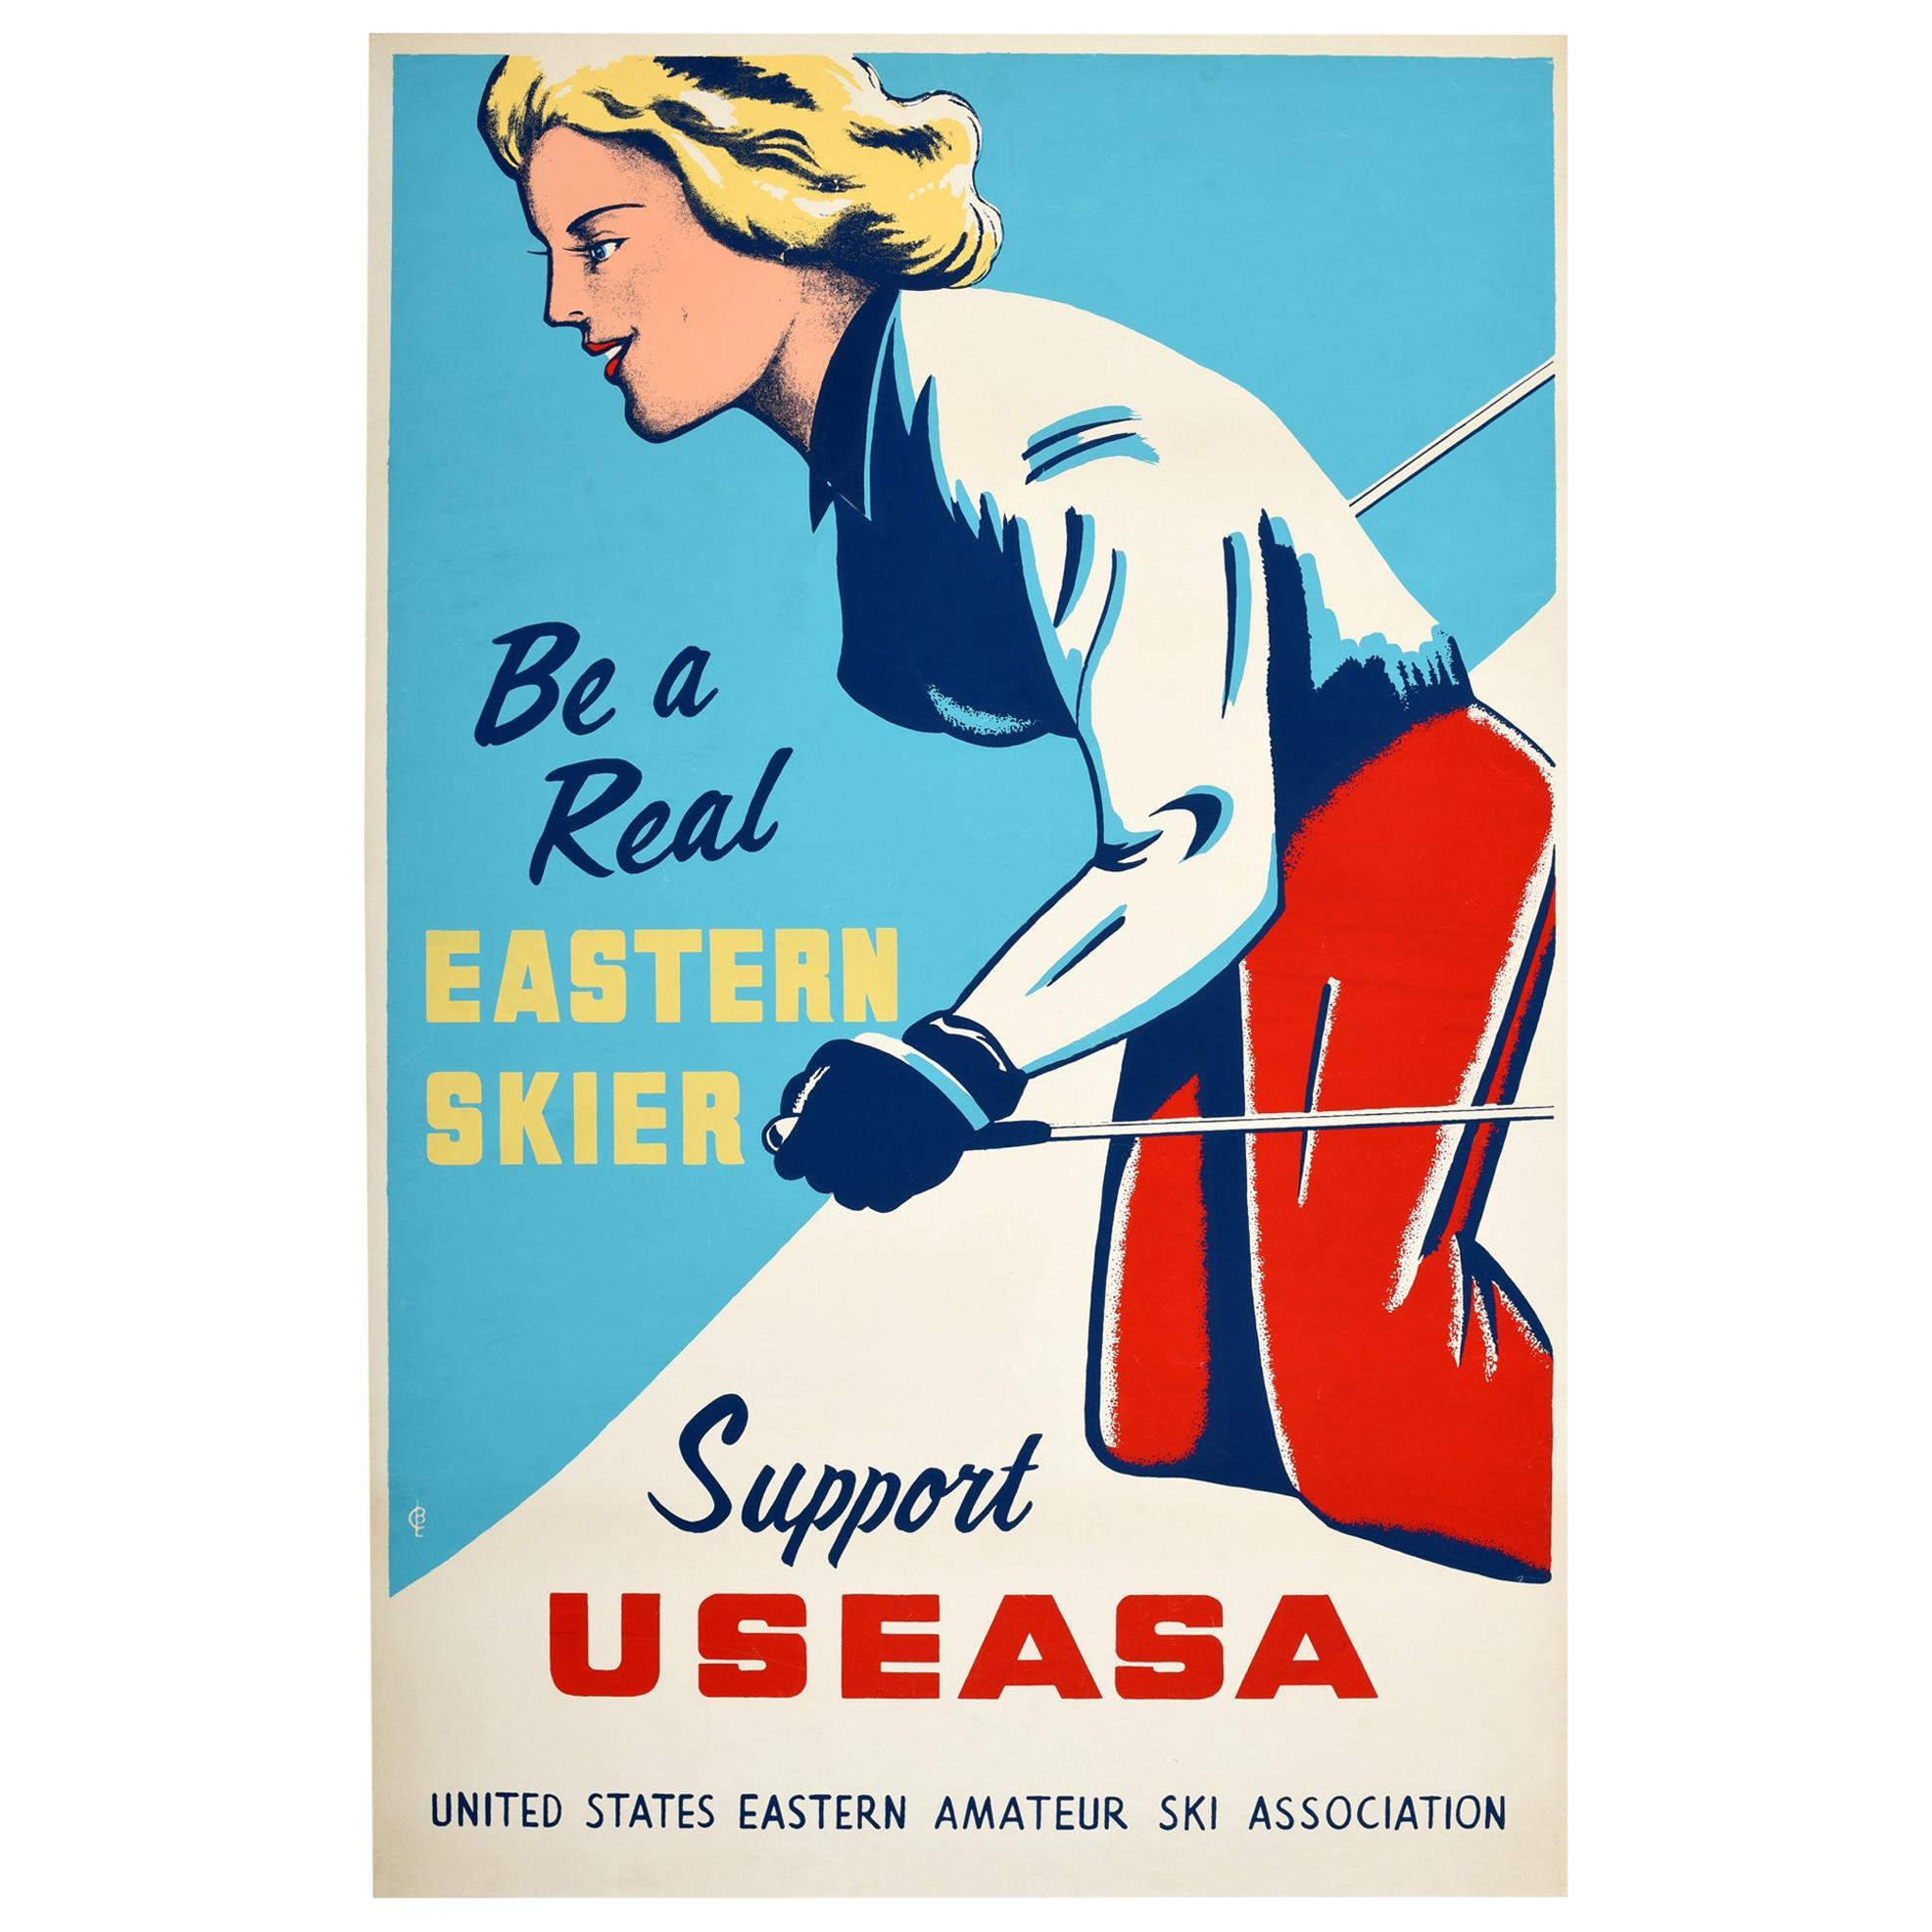 Original Vintage Poster Be A Real Eastern Skier USEASA Amateur Ski Association